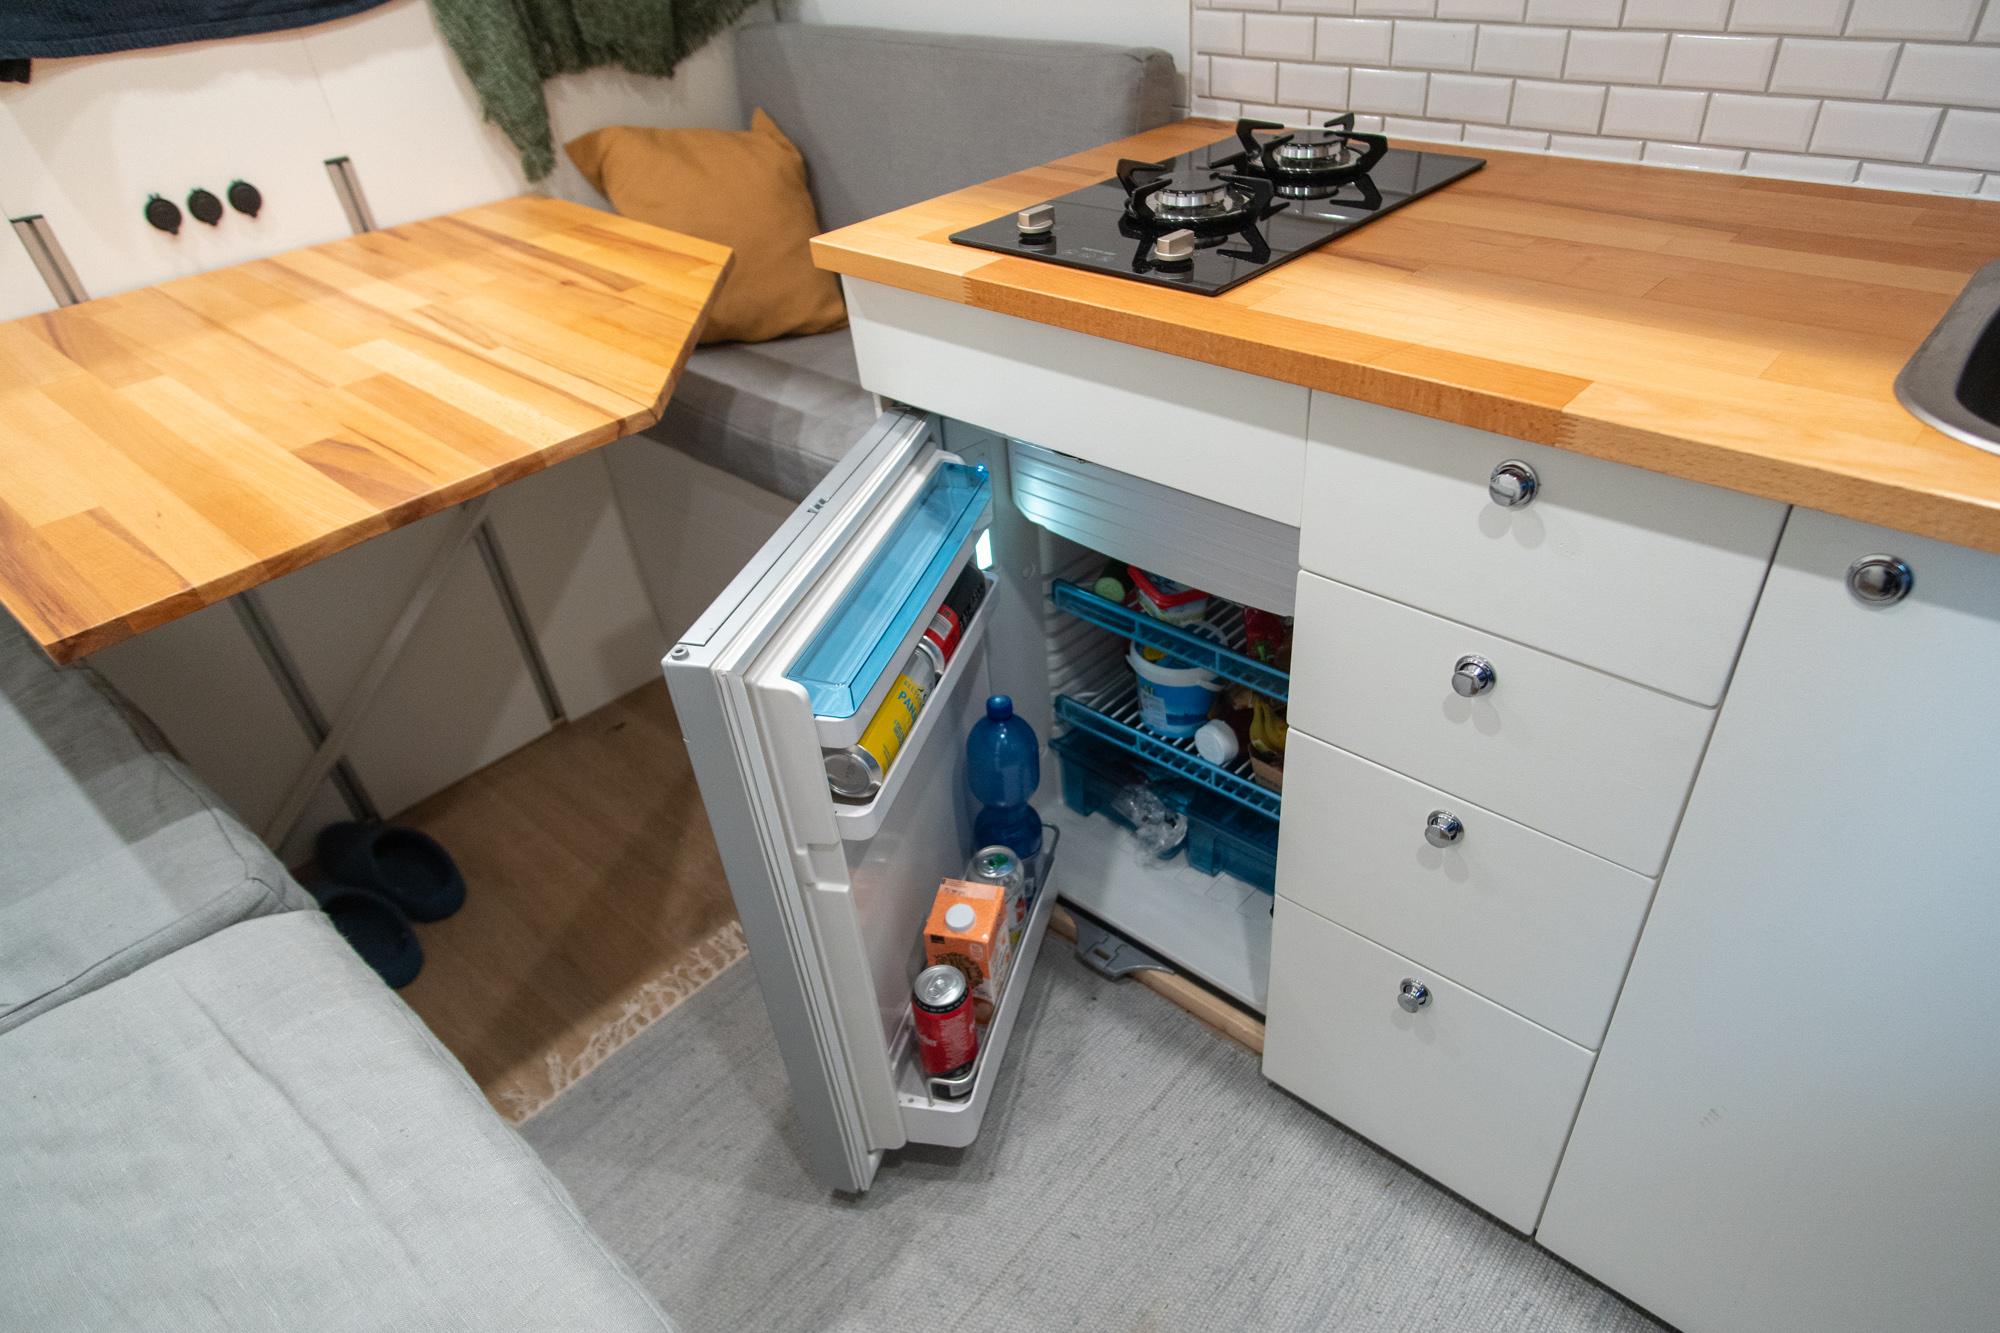 Jääkaappi pakettiautossa